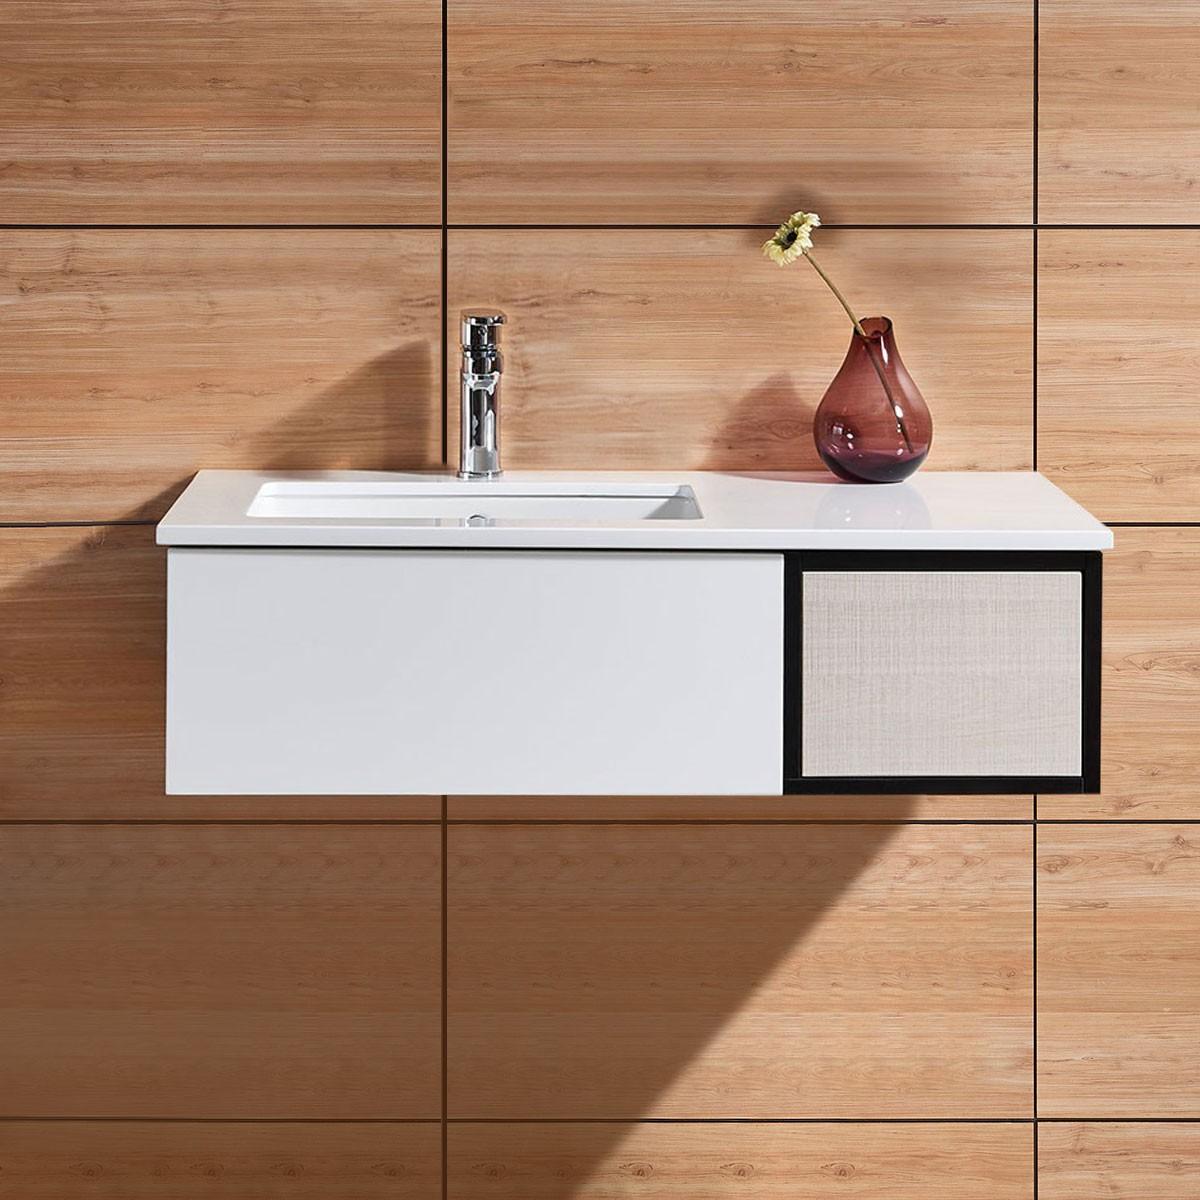 39 In. Wall Mount Bathroom Vanity (DK-676100-V)